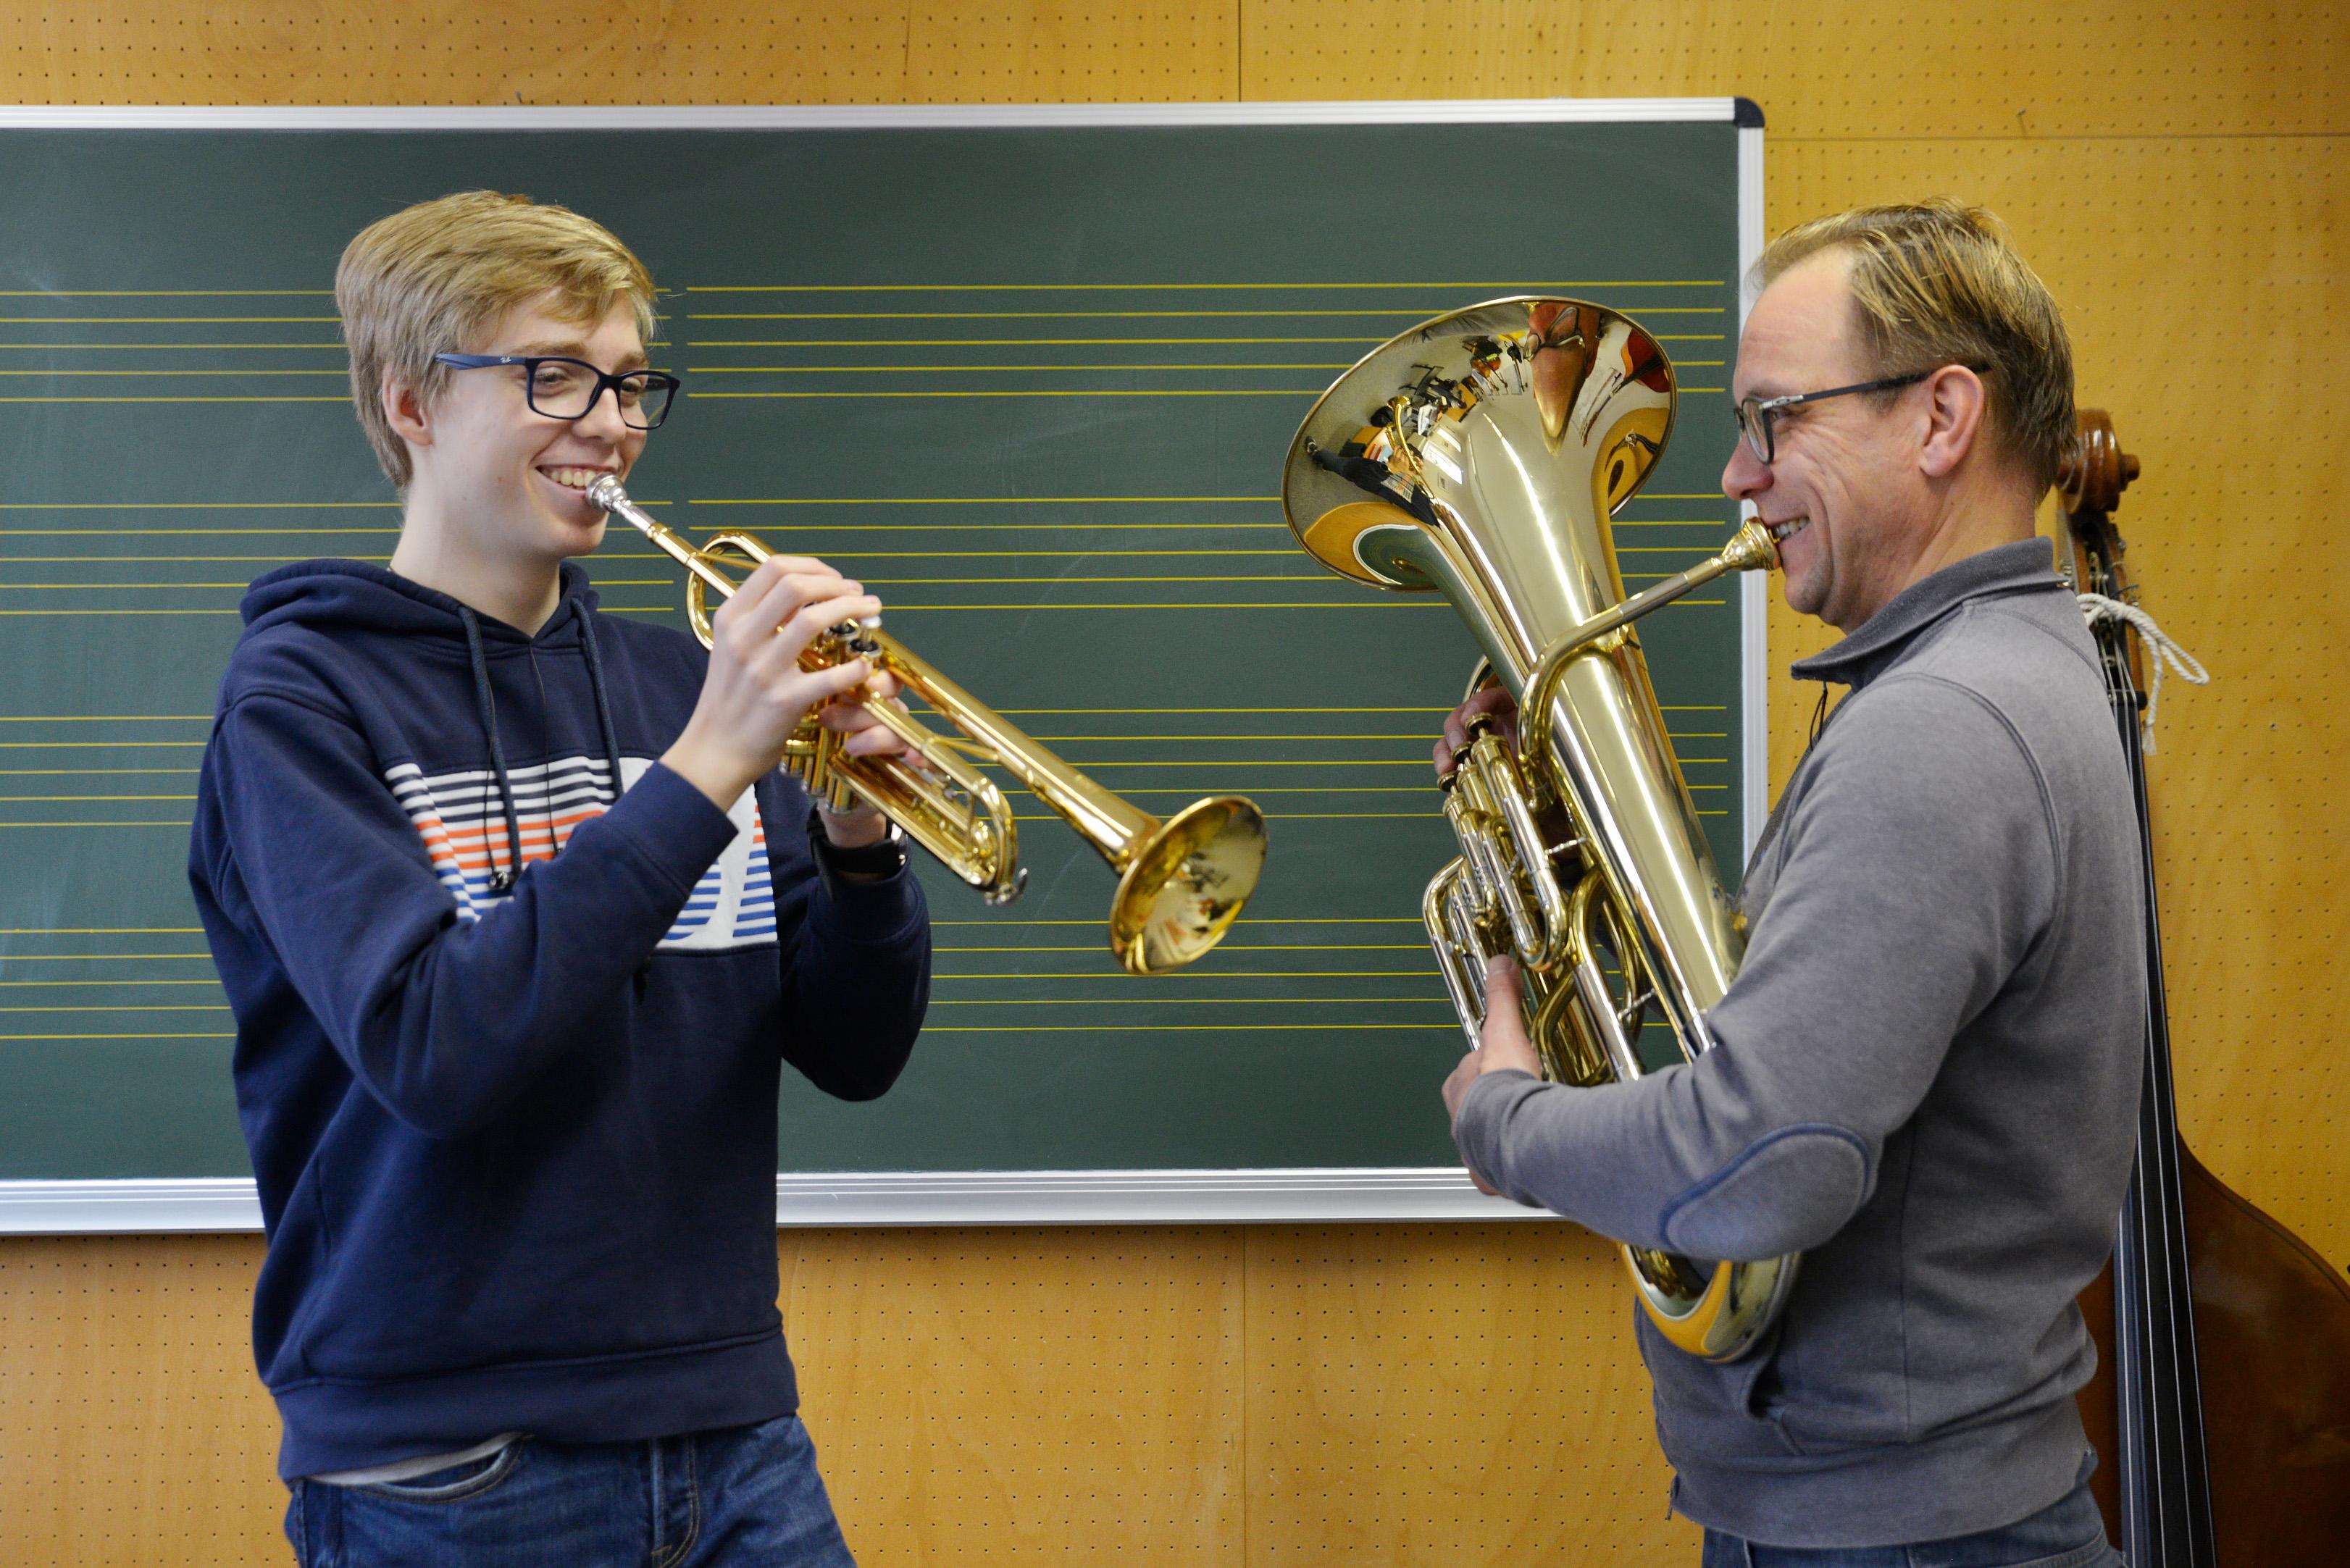 Dozent und Schüler mit Blasinstrumenten